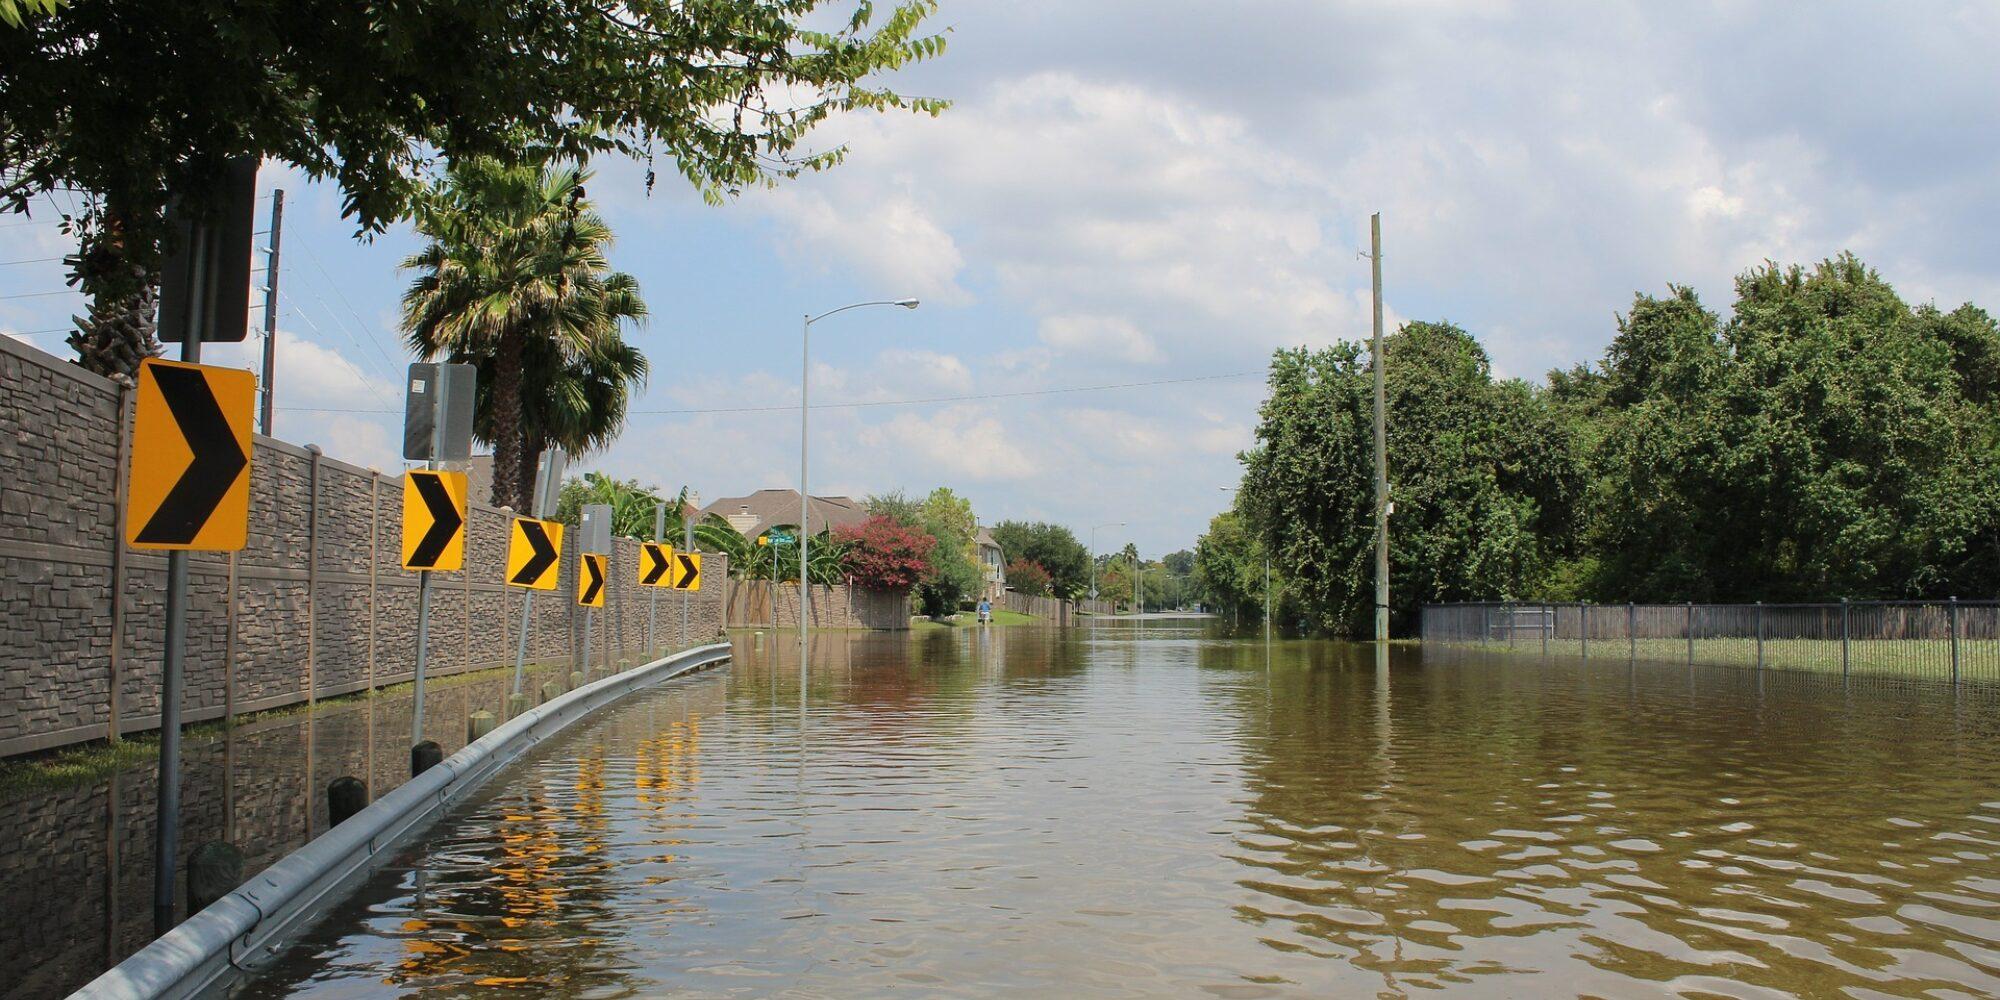 La gouvernance des risques liés aux inondations dans le contexte des changements climatiques